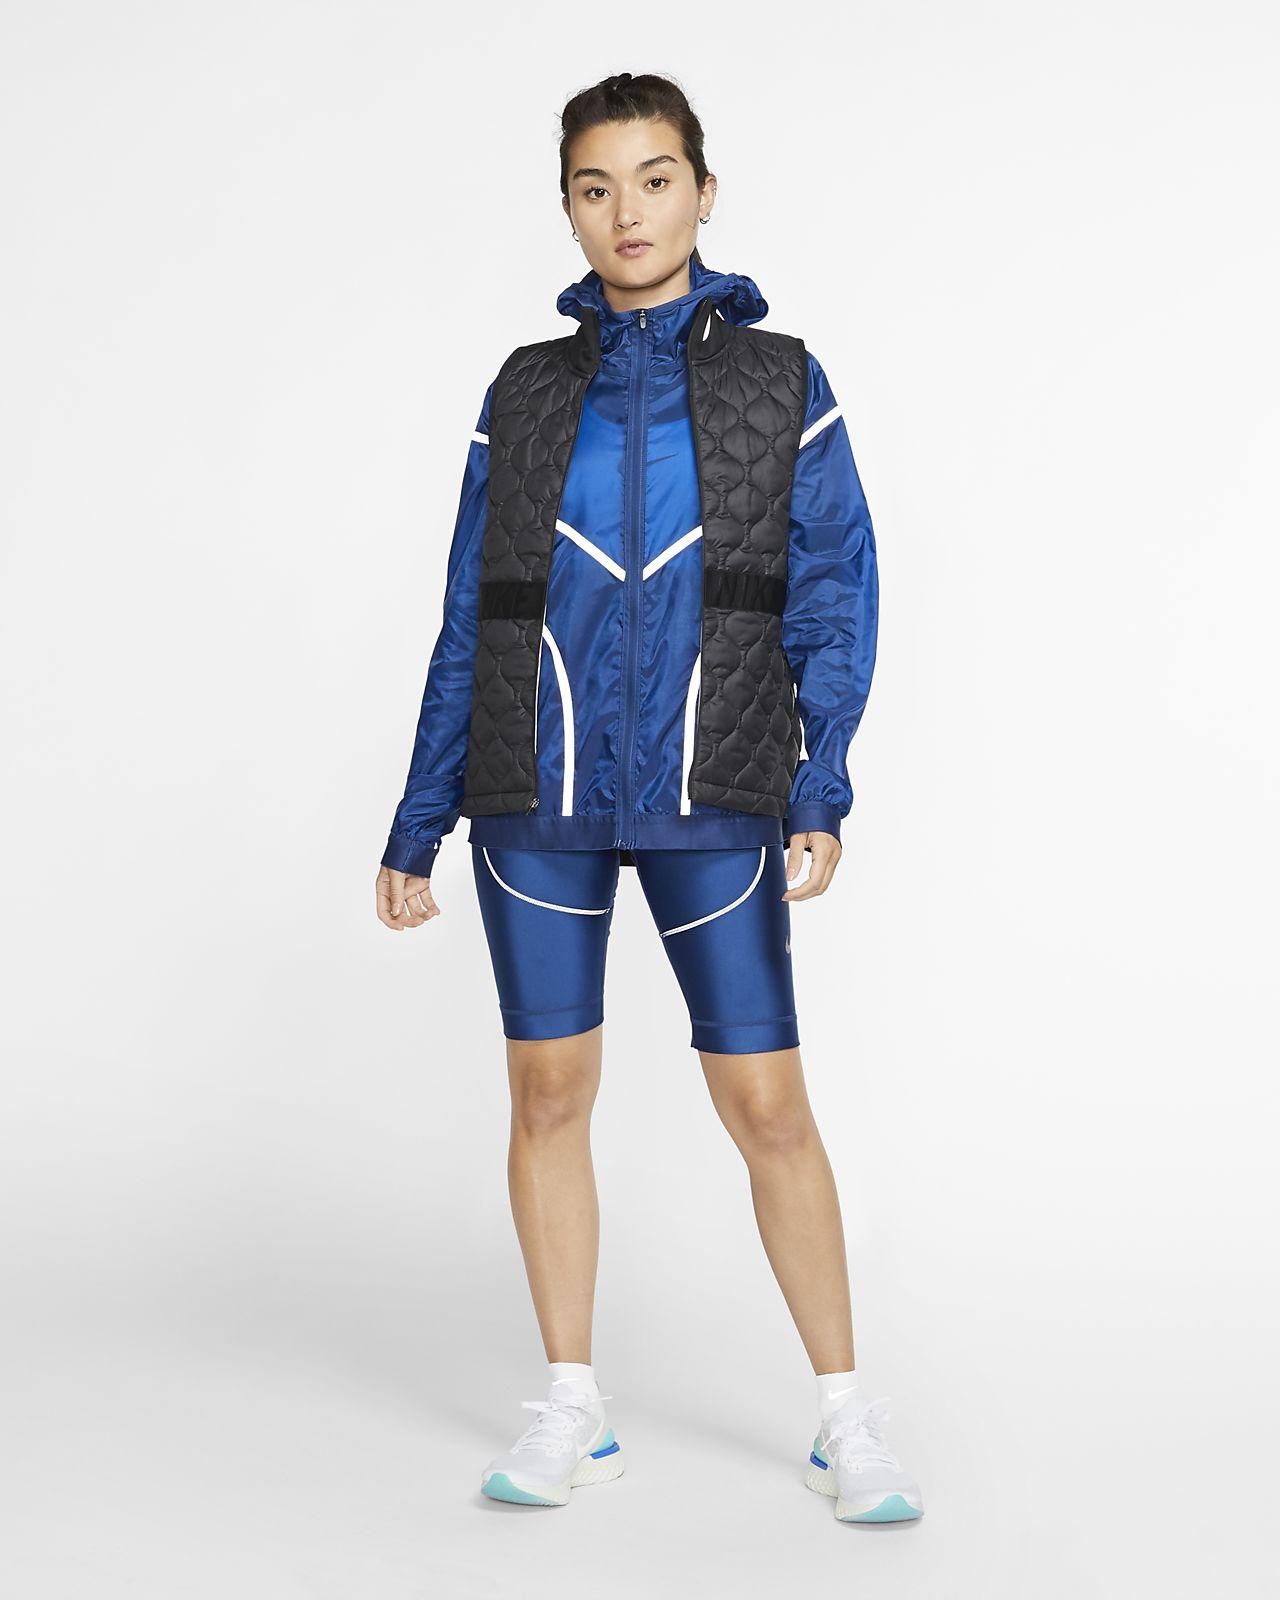 Nike AeroLayer Women's Running Jacket in 2019